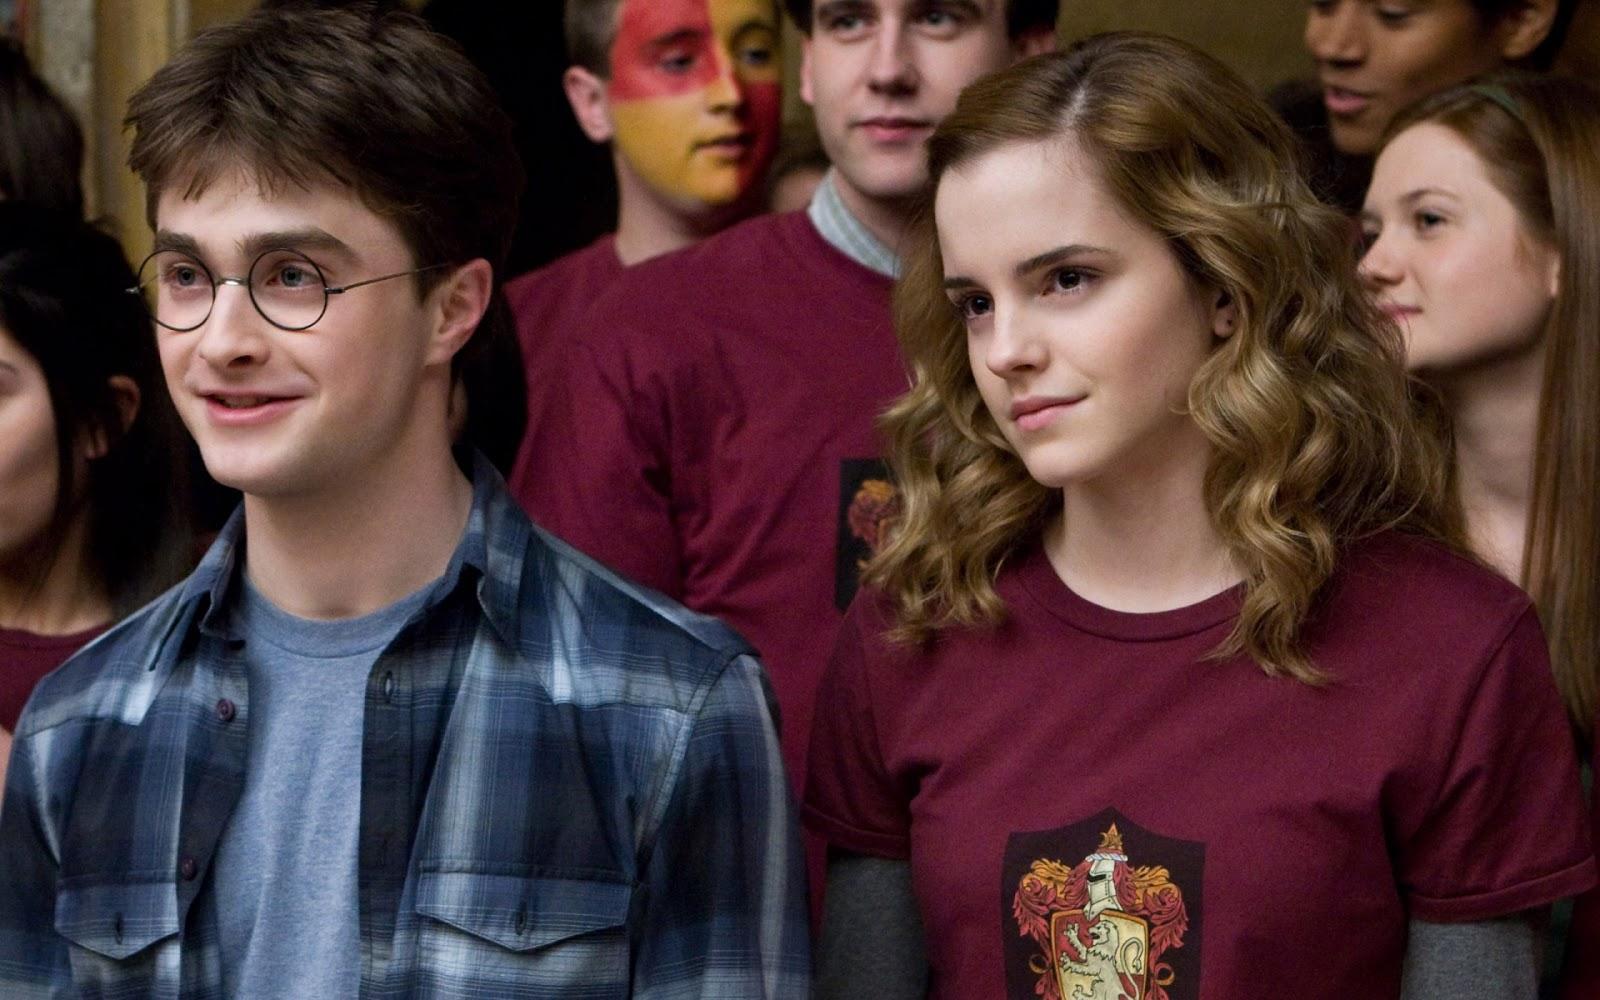 Emma Watson Daniel Radcliffe Harry Potter Movie